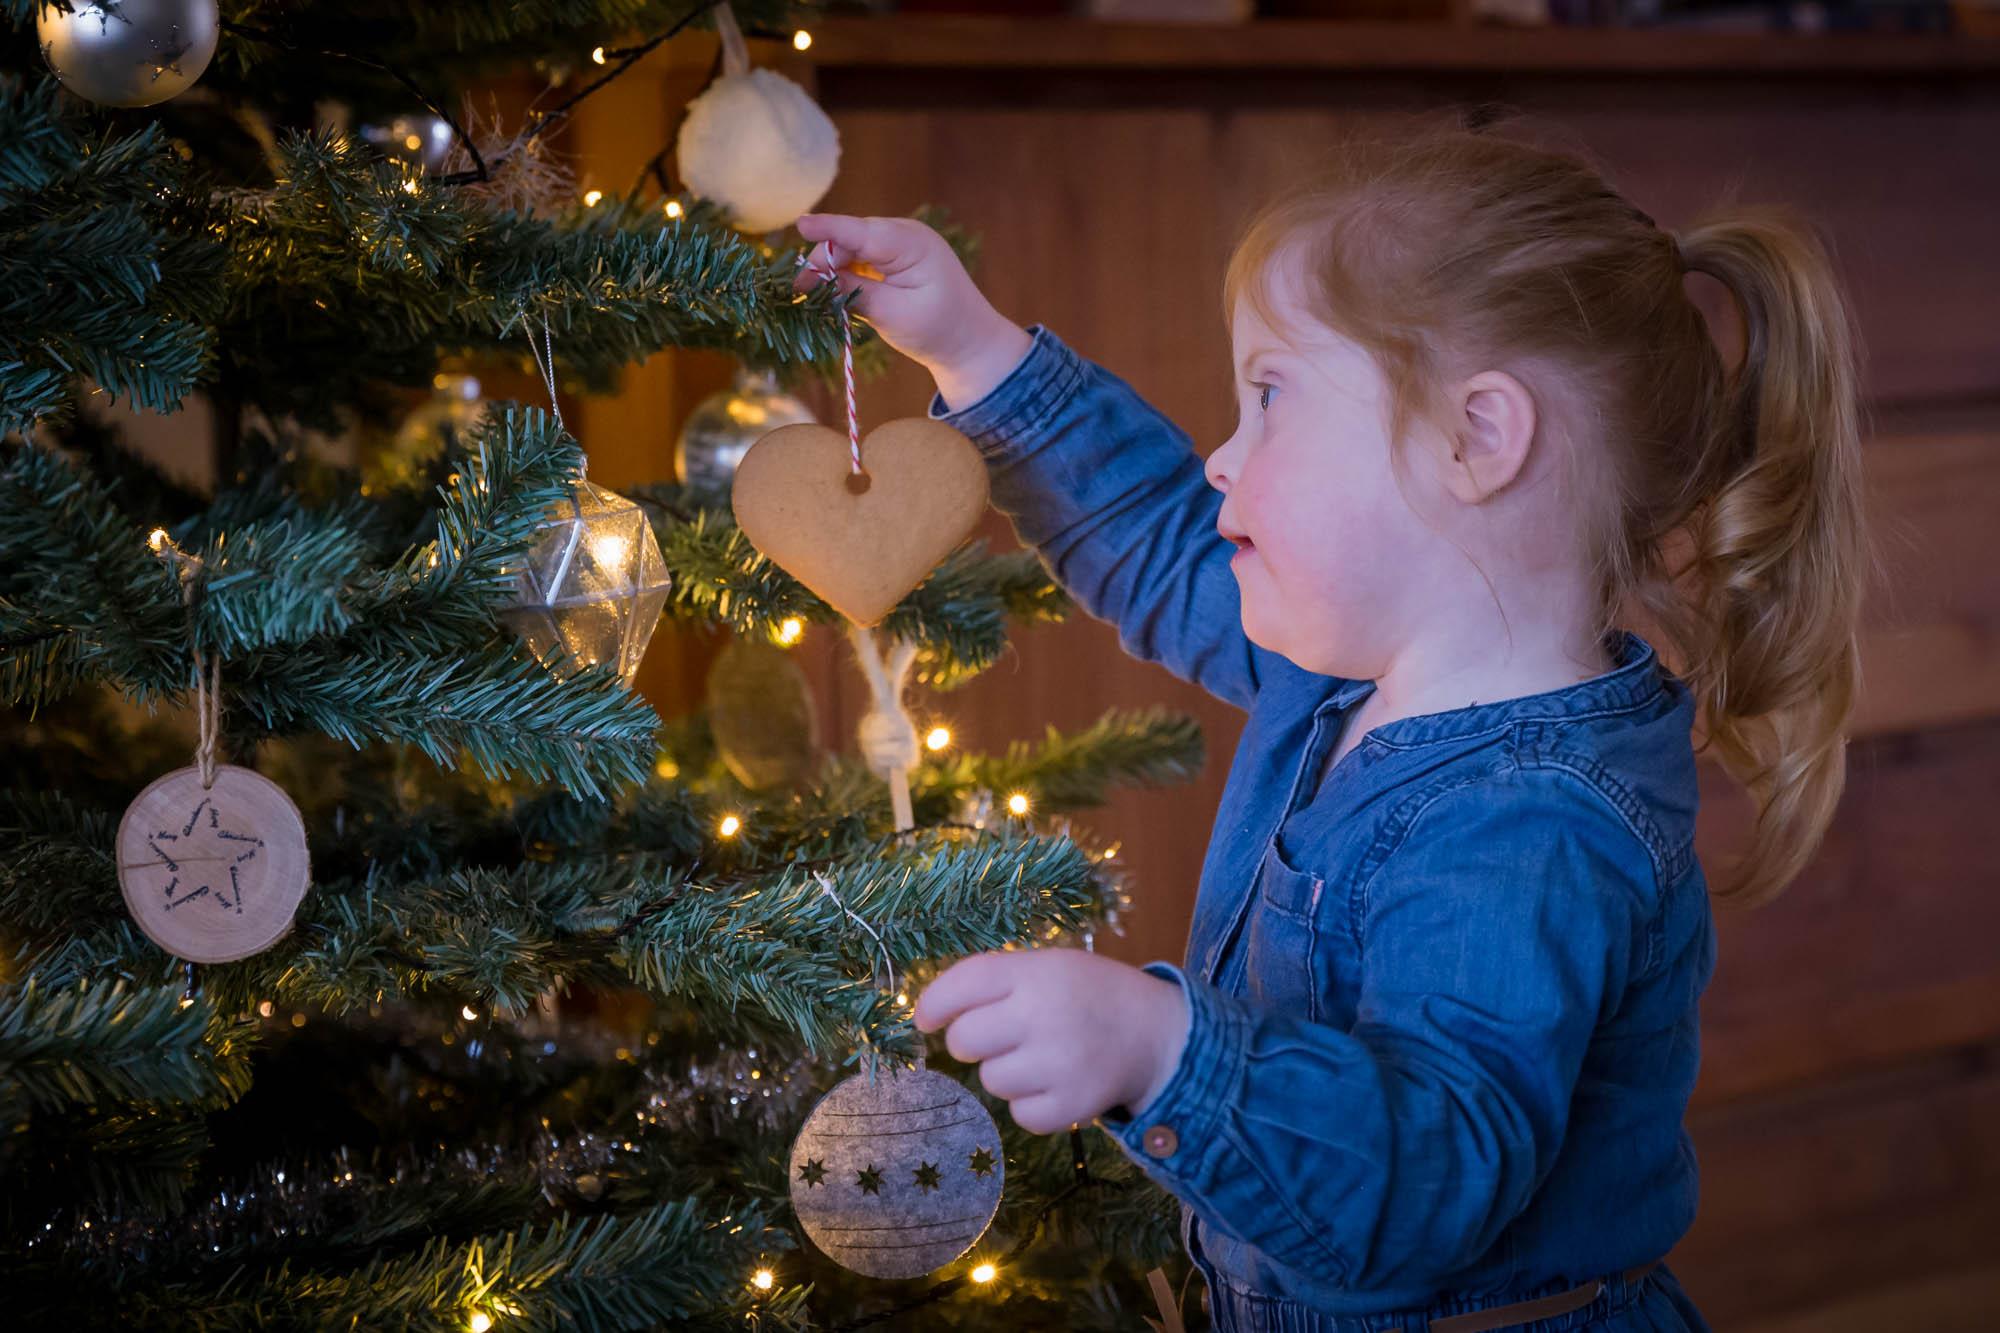 kind portret van meisje met down bij kerstboom door mayrafotografie